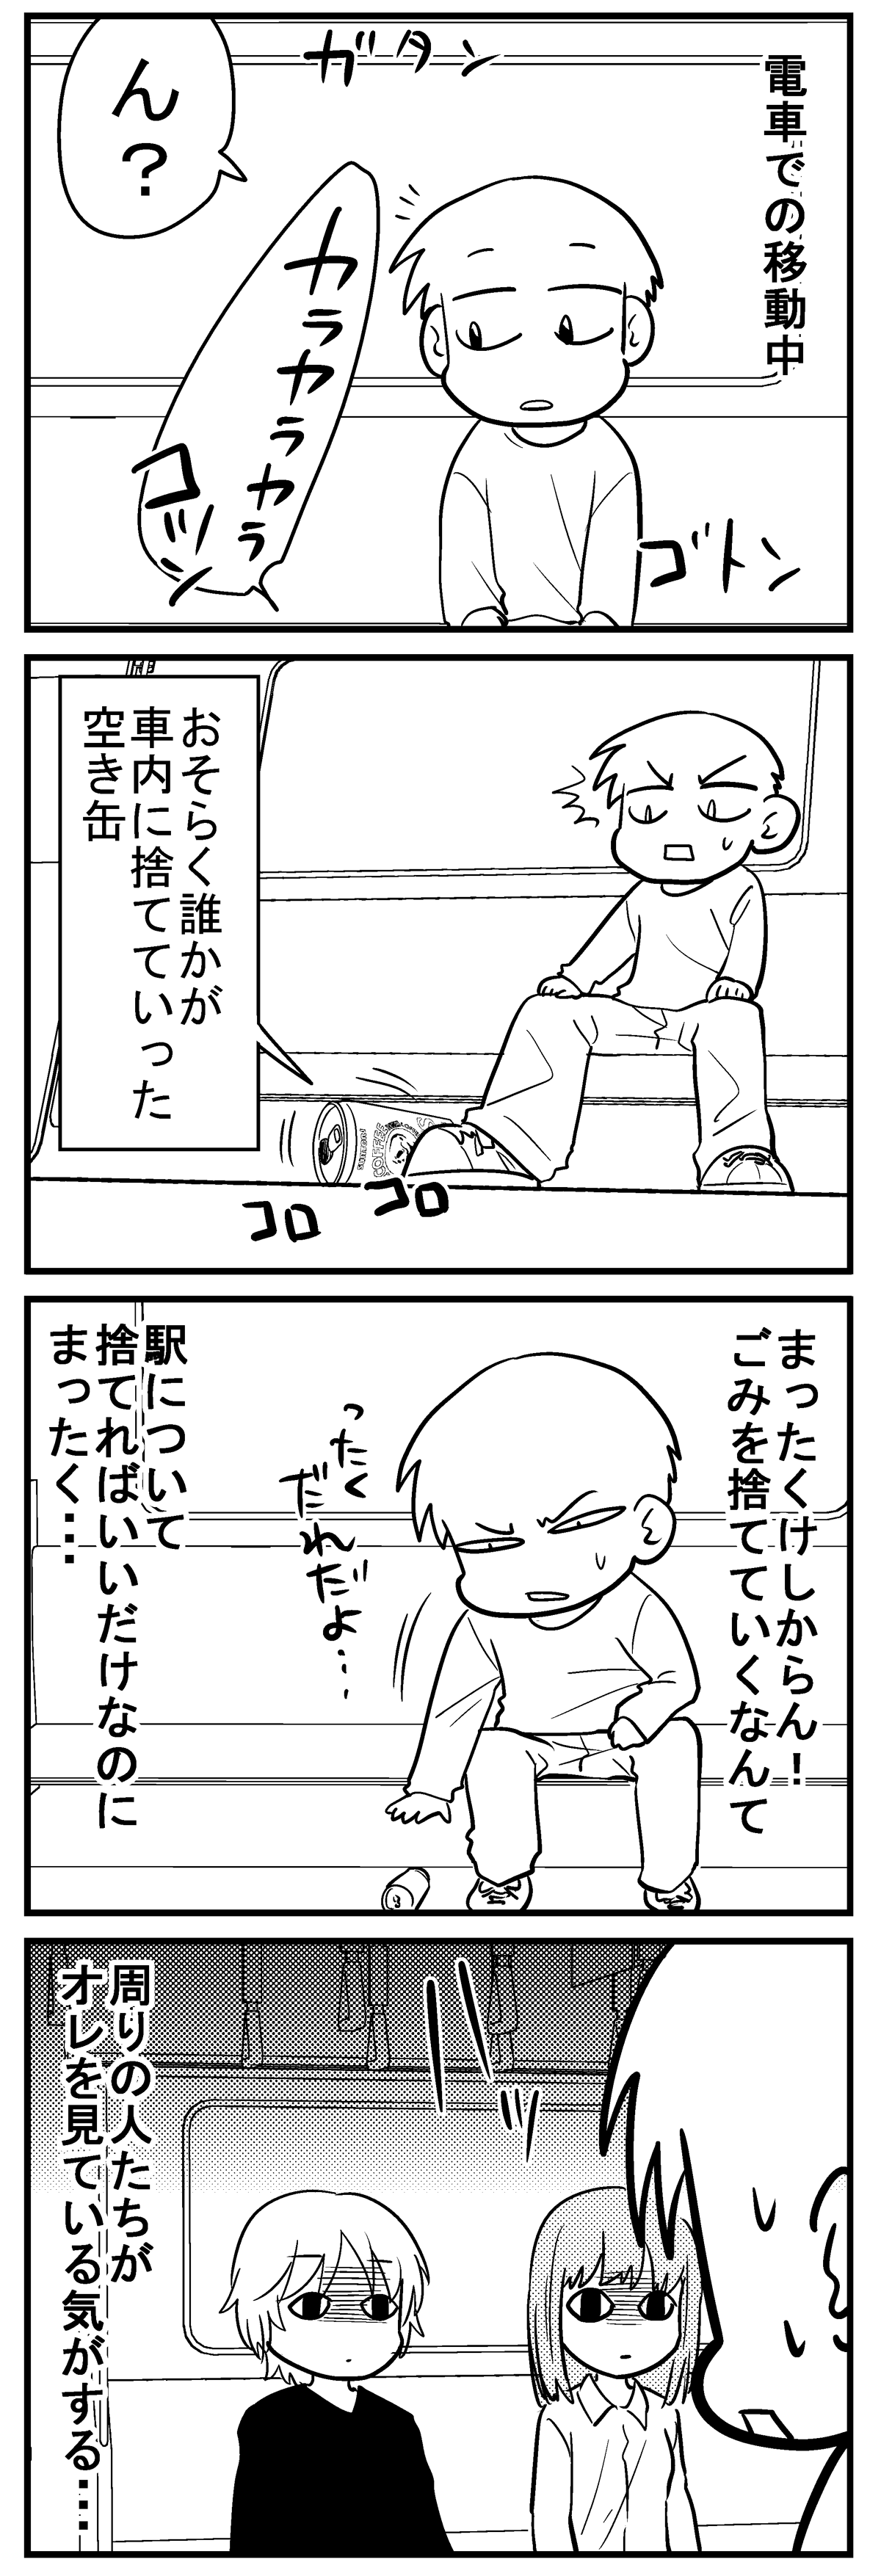 深読みくん用原稿-1